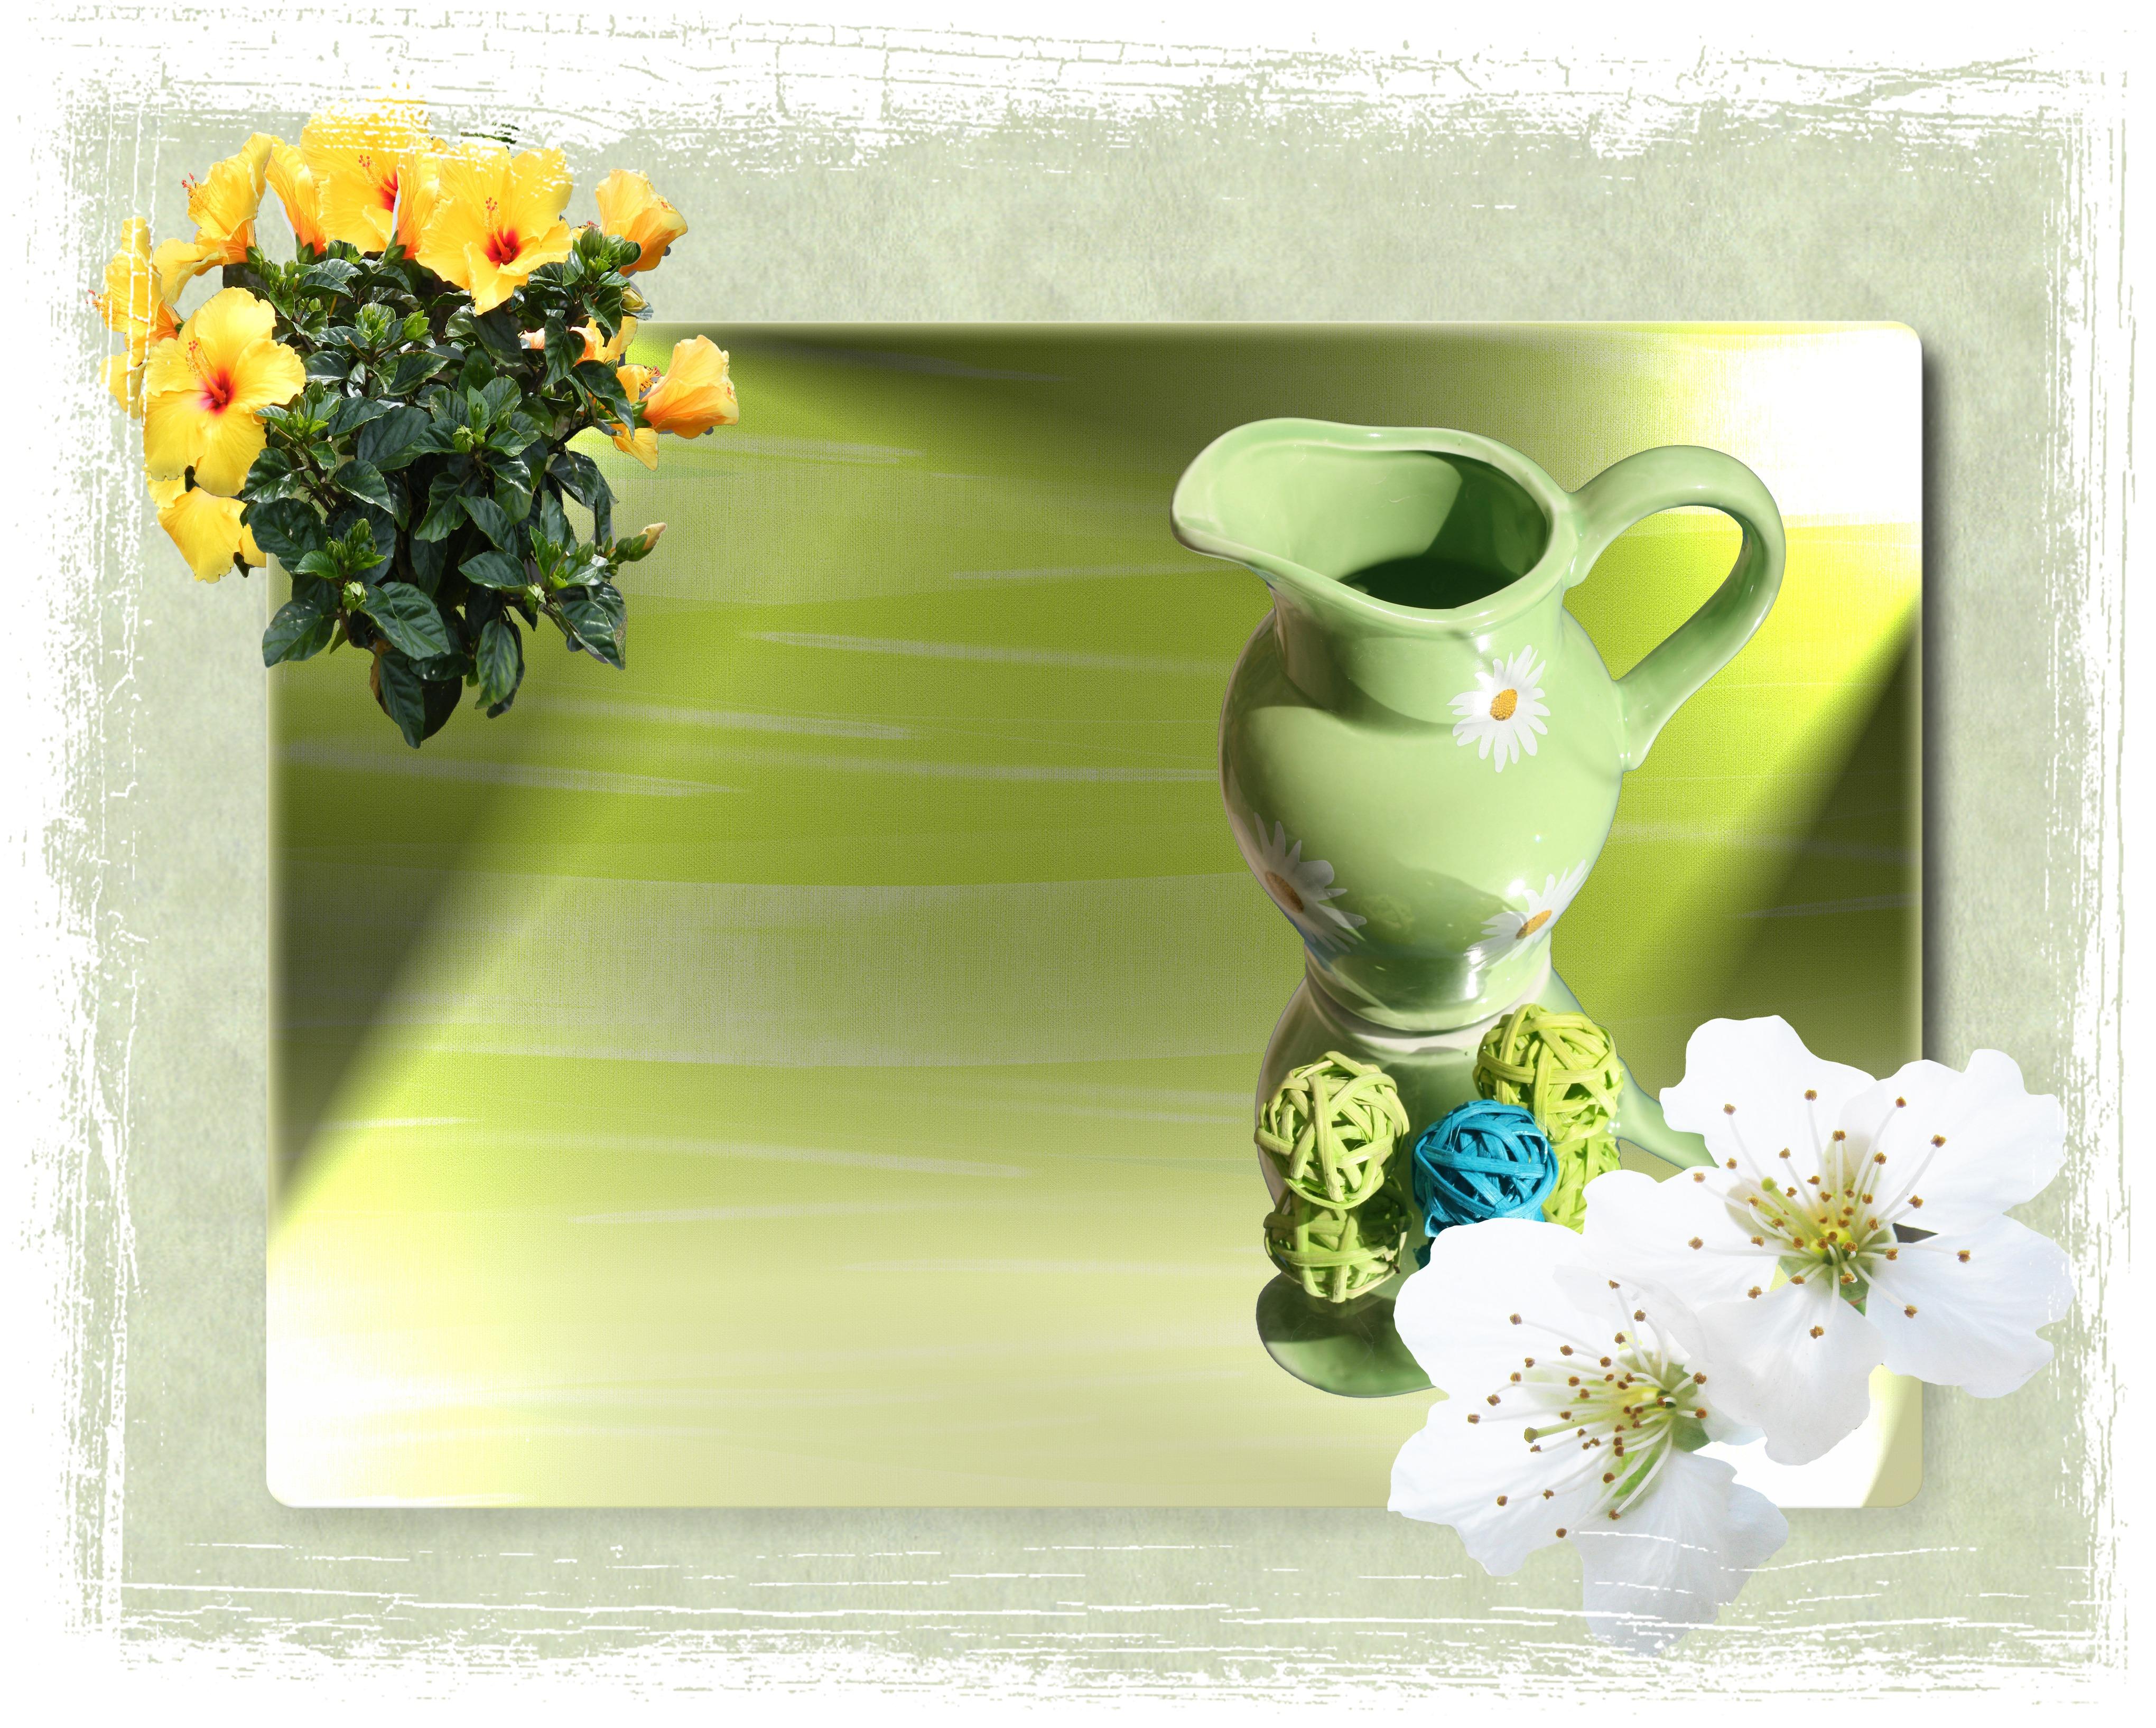 รูปภาพ : เบา, ดอกไม้, การตกแต่ง, ฤดูใบไม้ผลิ, การสะท้อน ...